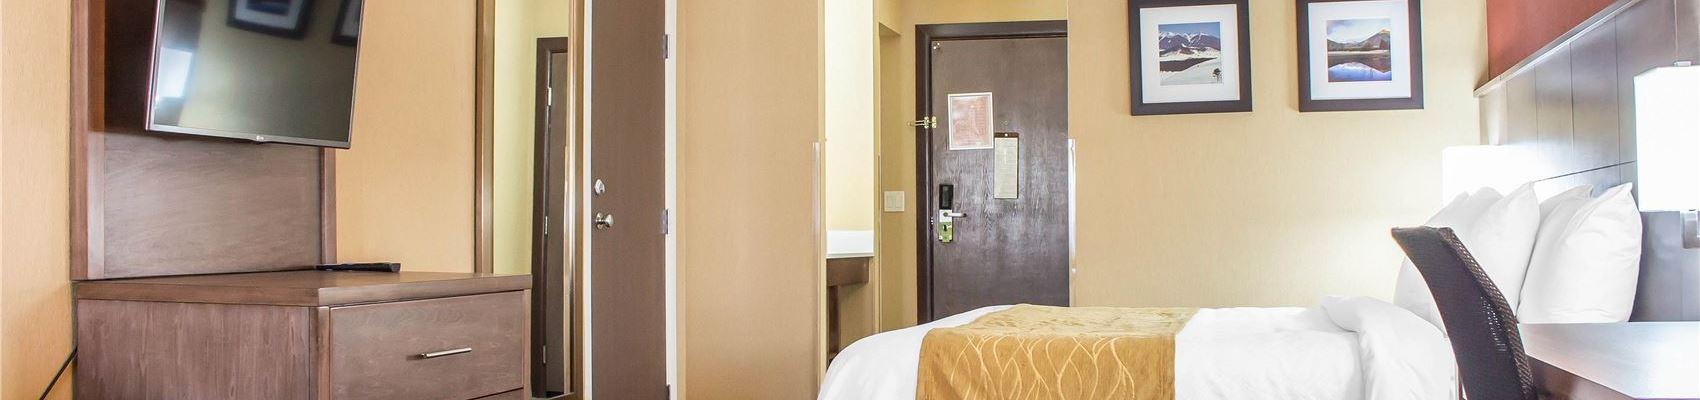 Flagstaff, Arizona Hotel Rooms